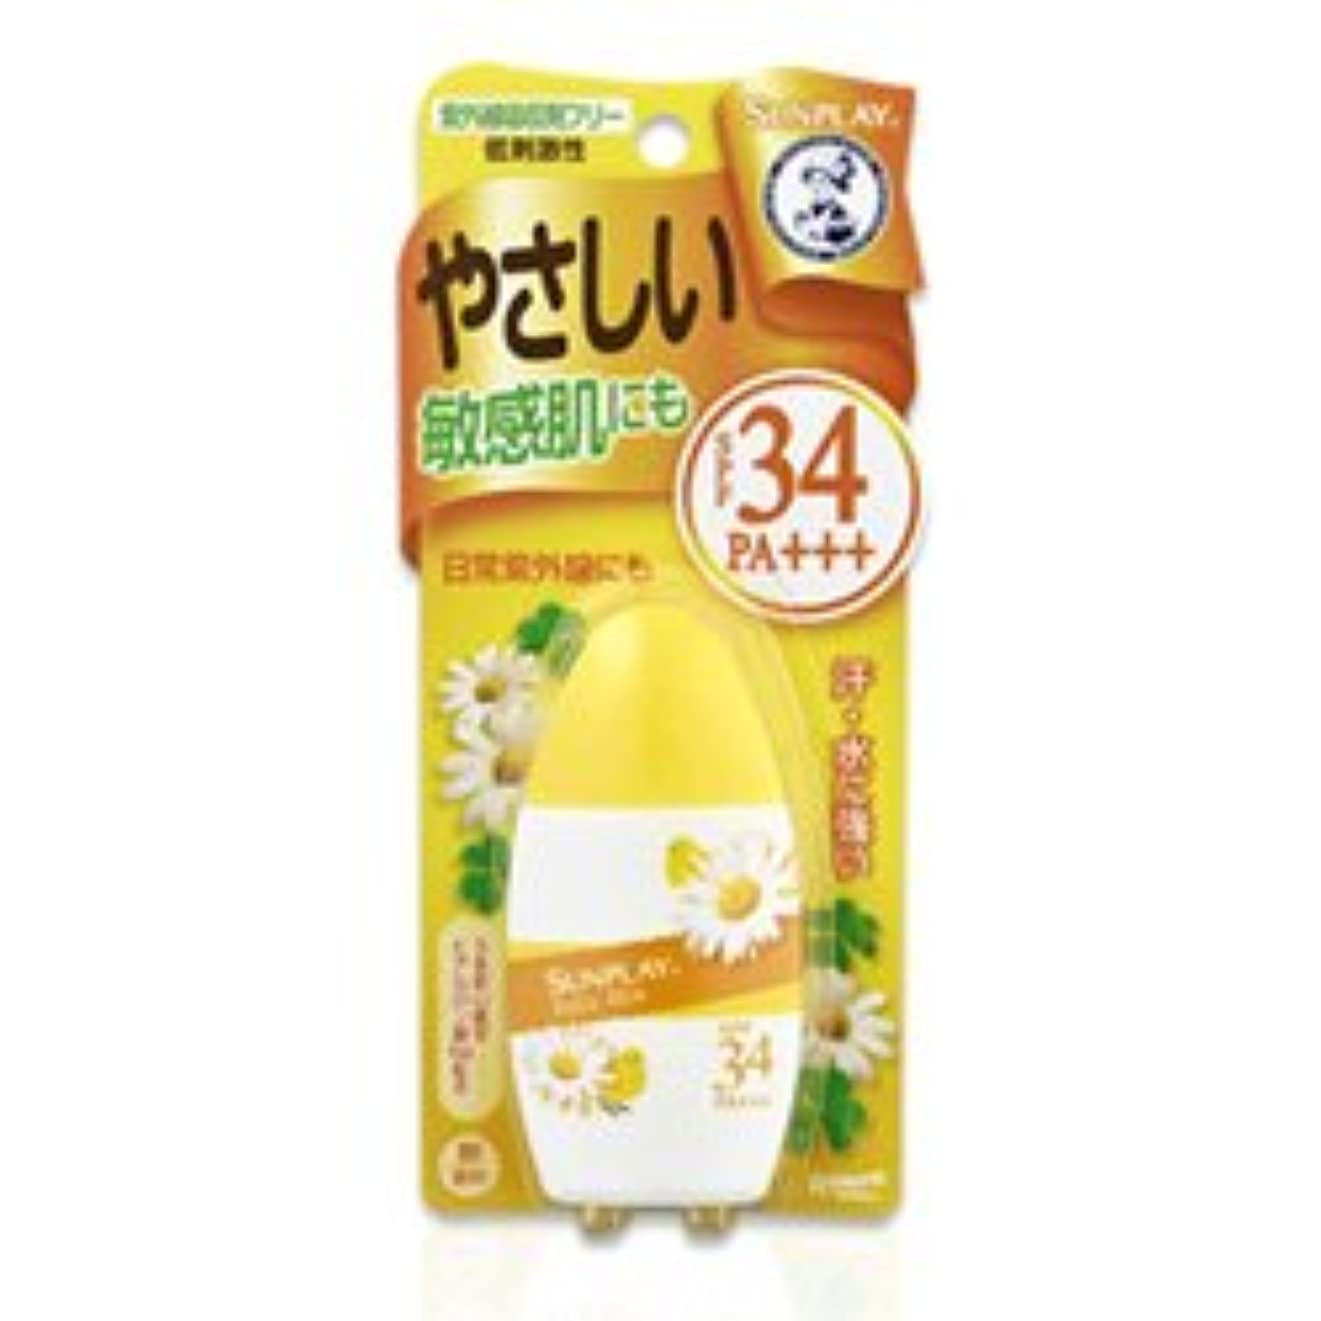 インフレーション考慮護衛【ロート製薬】メンソレータム サンプレイ ベビーミルク 30g ×10個セット